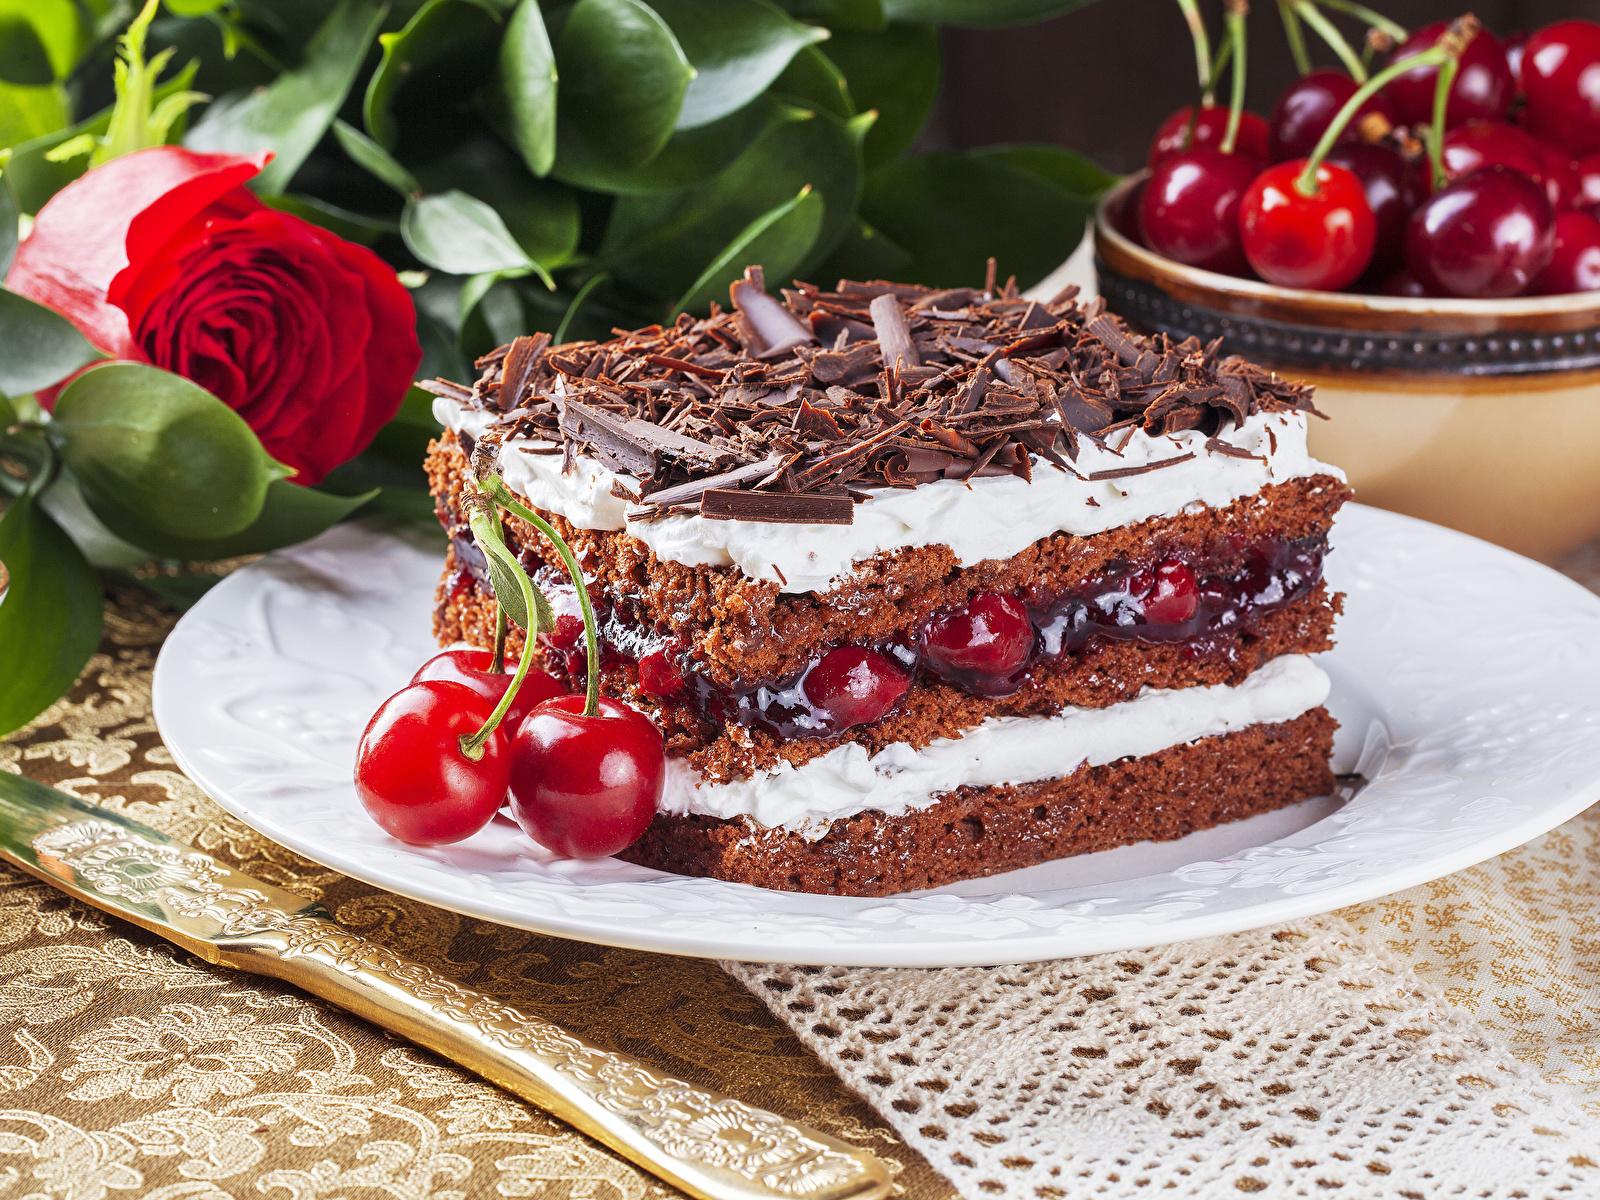 Фото Шоколад Розы Торты Кусок Черешня Продукты питания 1600x1200 часть Вишня Еда Пища